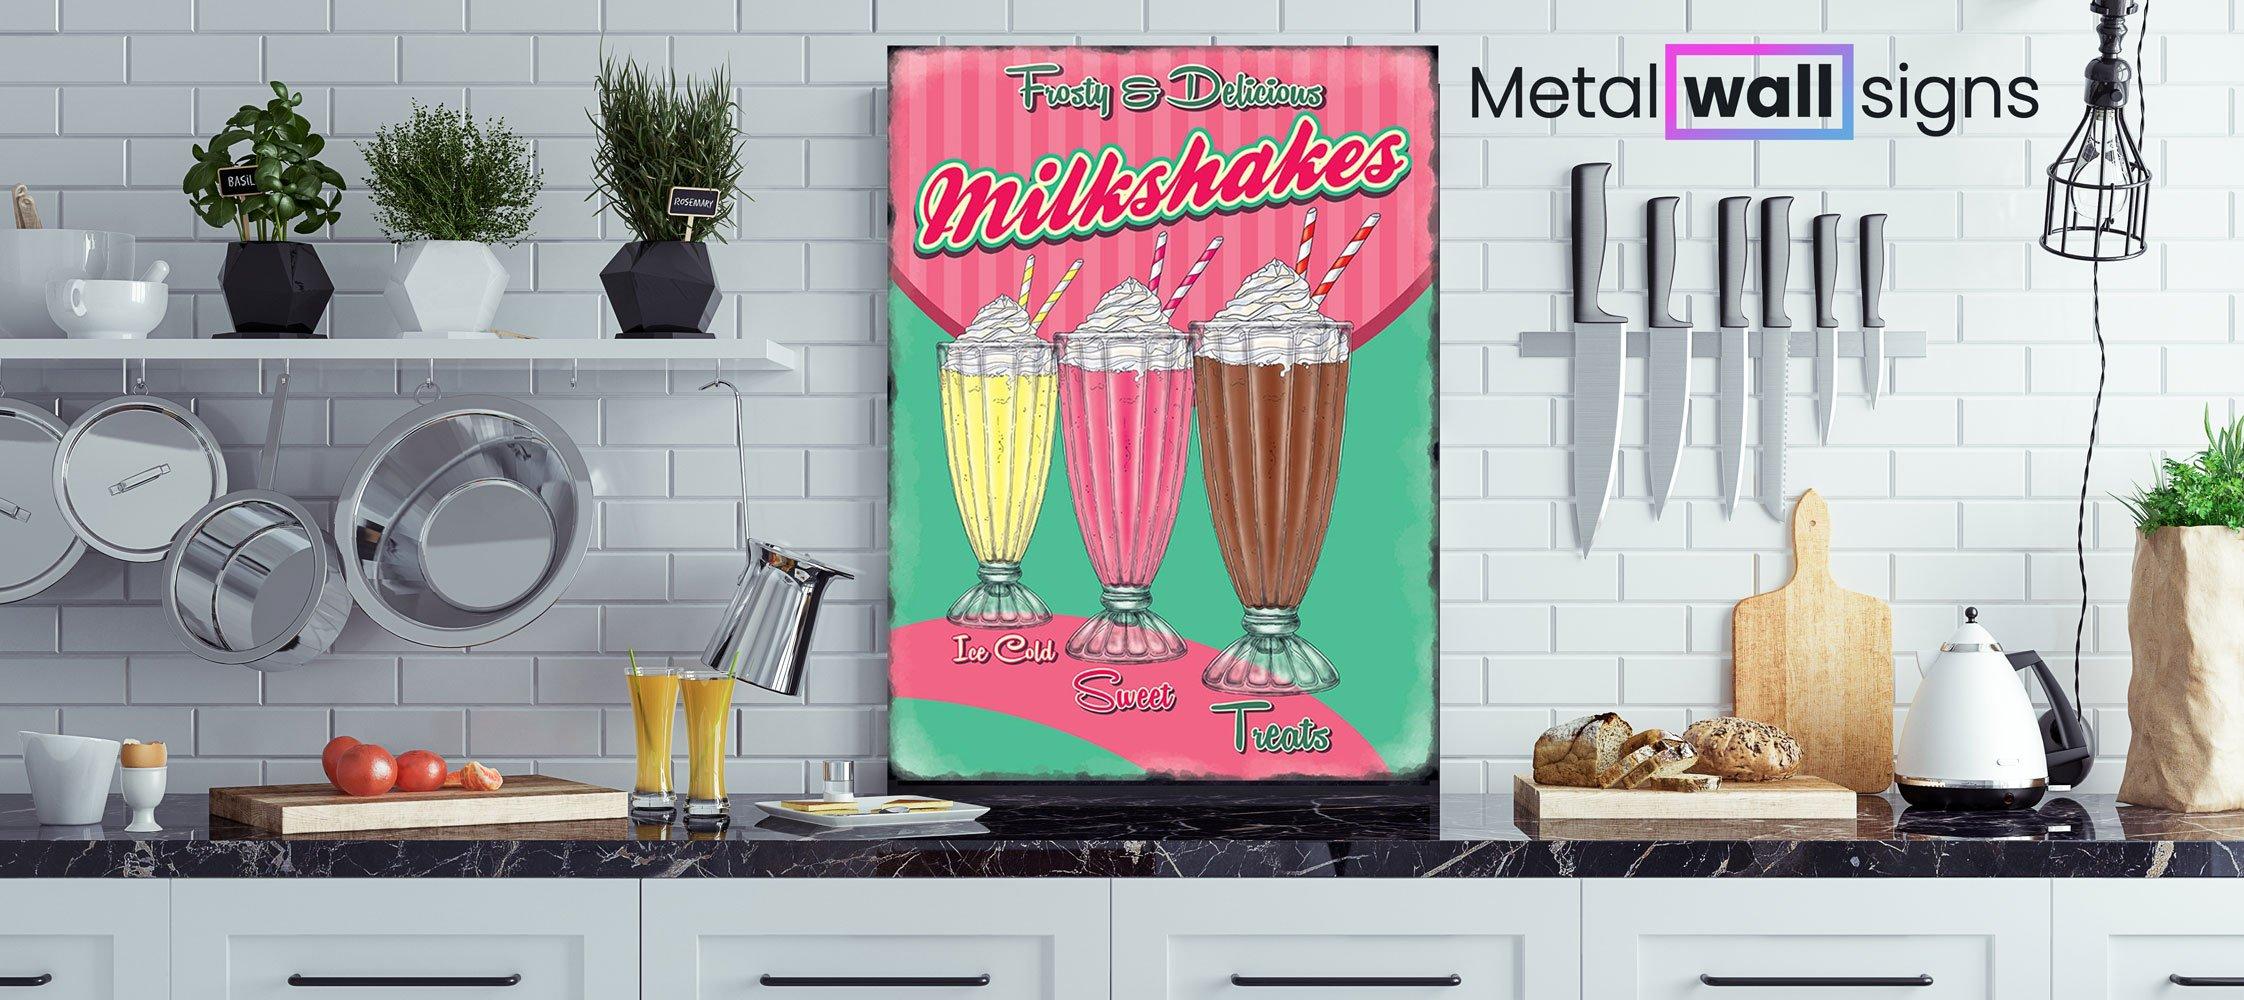 Milkshakes-Diner-Metal-Wall-Art-MWS